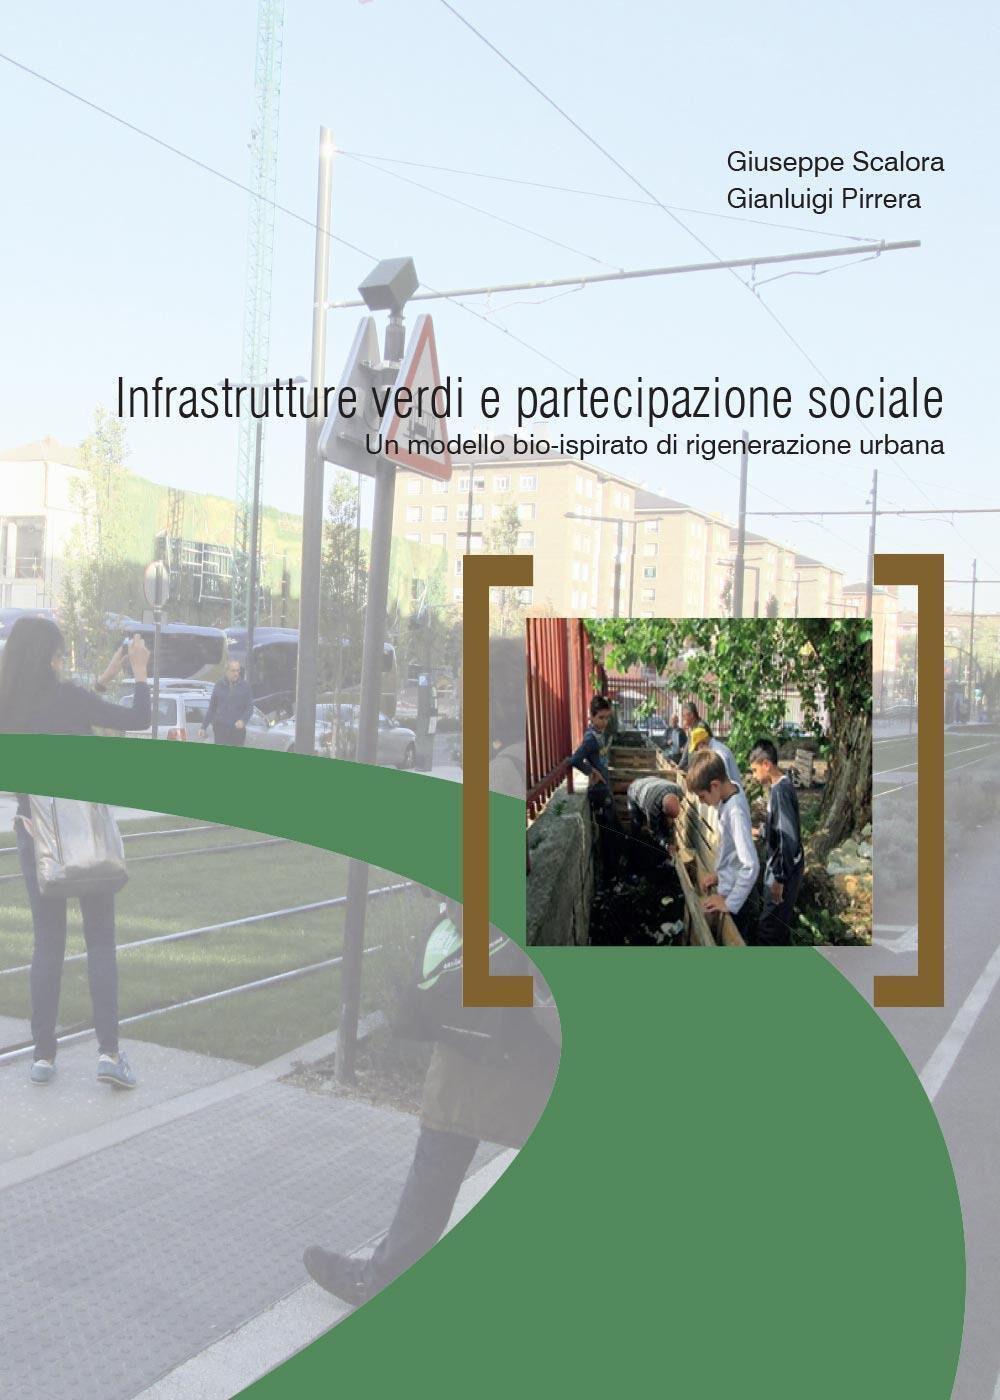 Infrastrutture verdi e partecipazione sociale